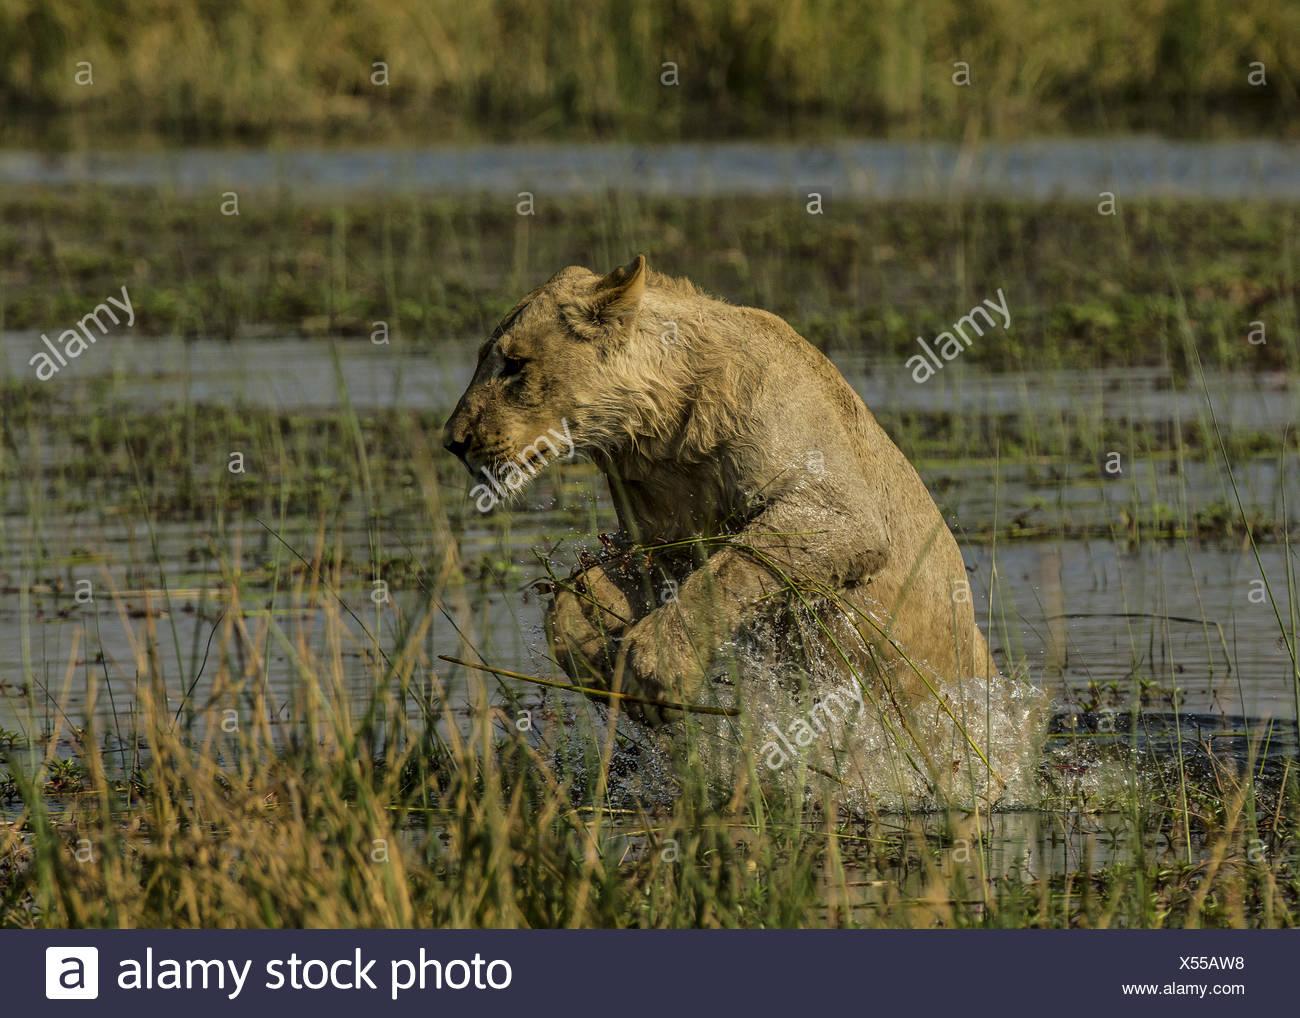 Ein junger Löwe Panthera leo, Sprünge aus dem Wasser an die Hochwasserentlastung Bank. Stockbild